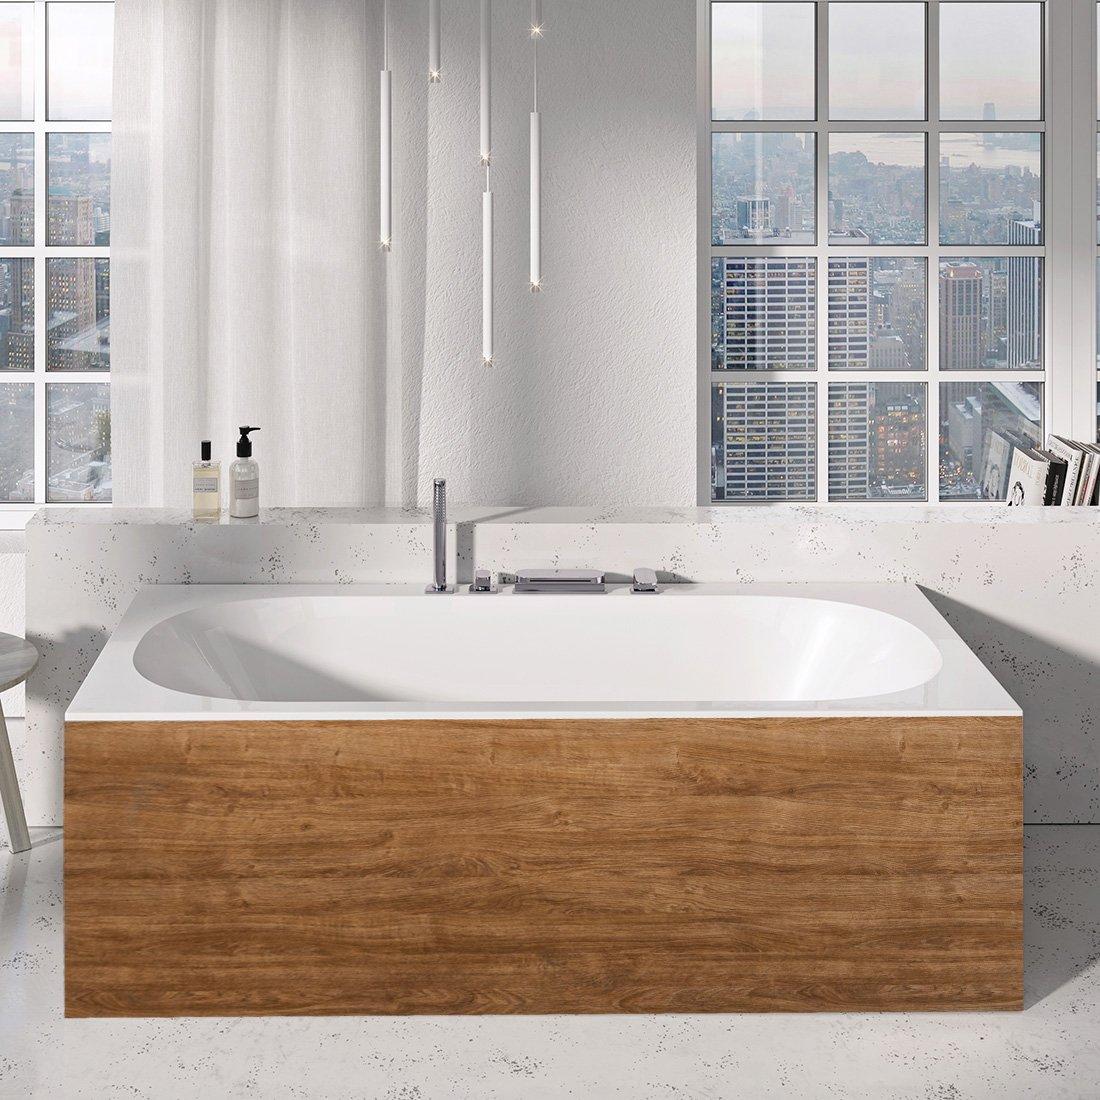 Fassungsvermögen Badewanne.Badewanne City City Slim Ravak Gesellschaft Für